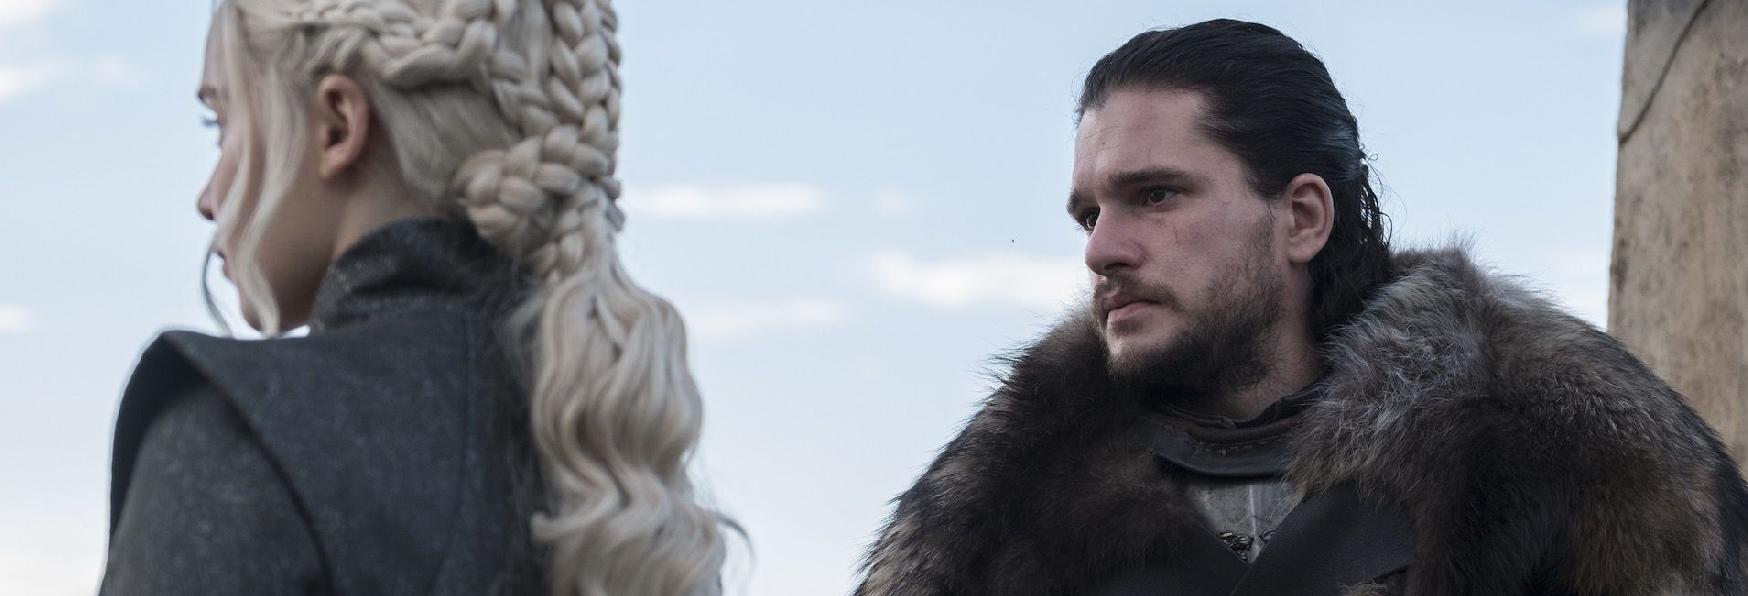 Game of Thrones: il Teaser Trailer dell'Episodio 8x02 della nota Serie HBO